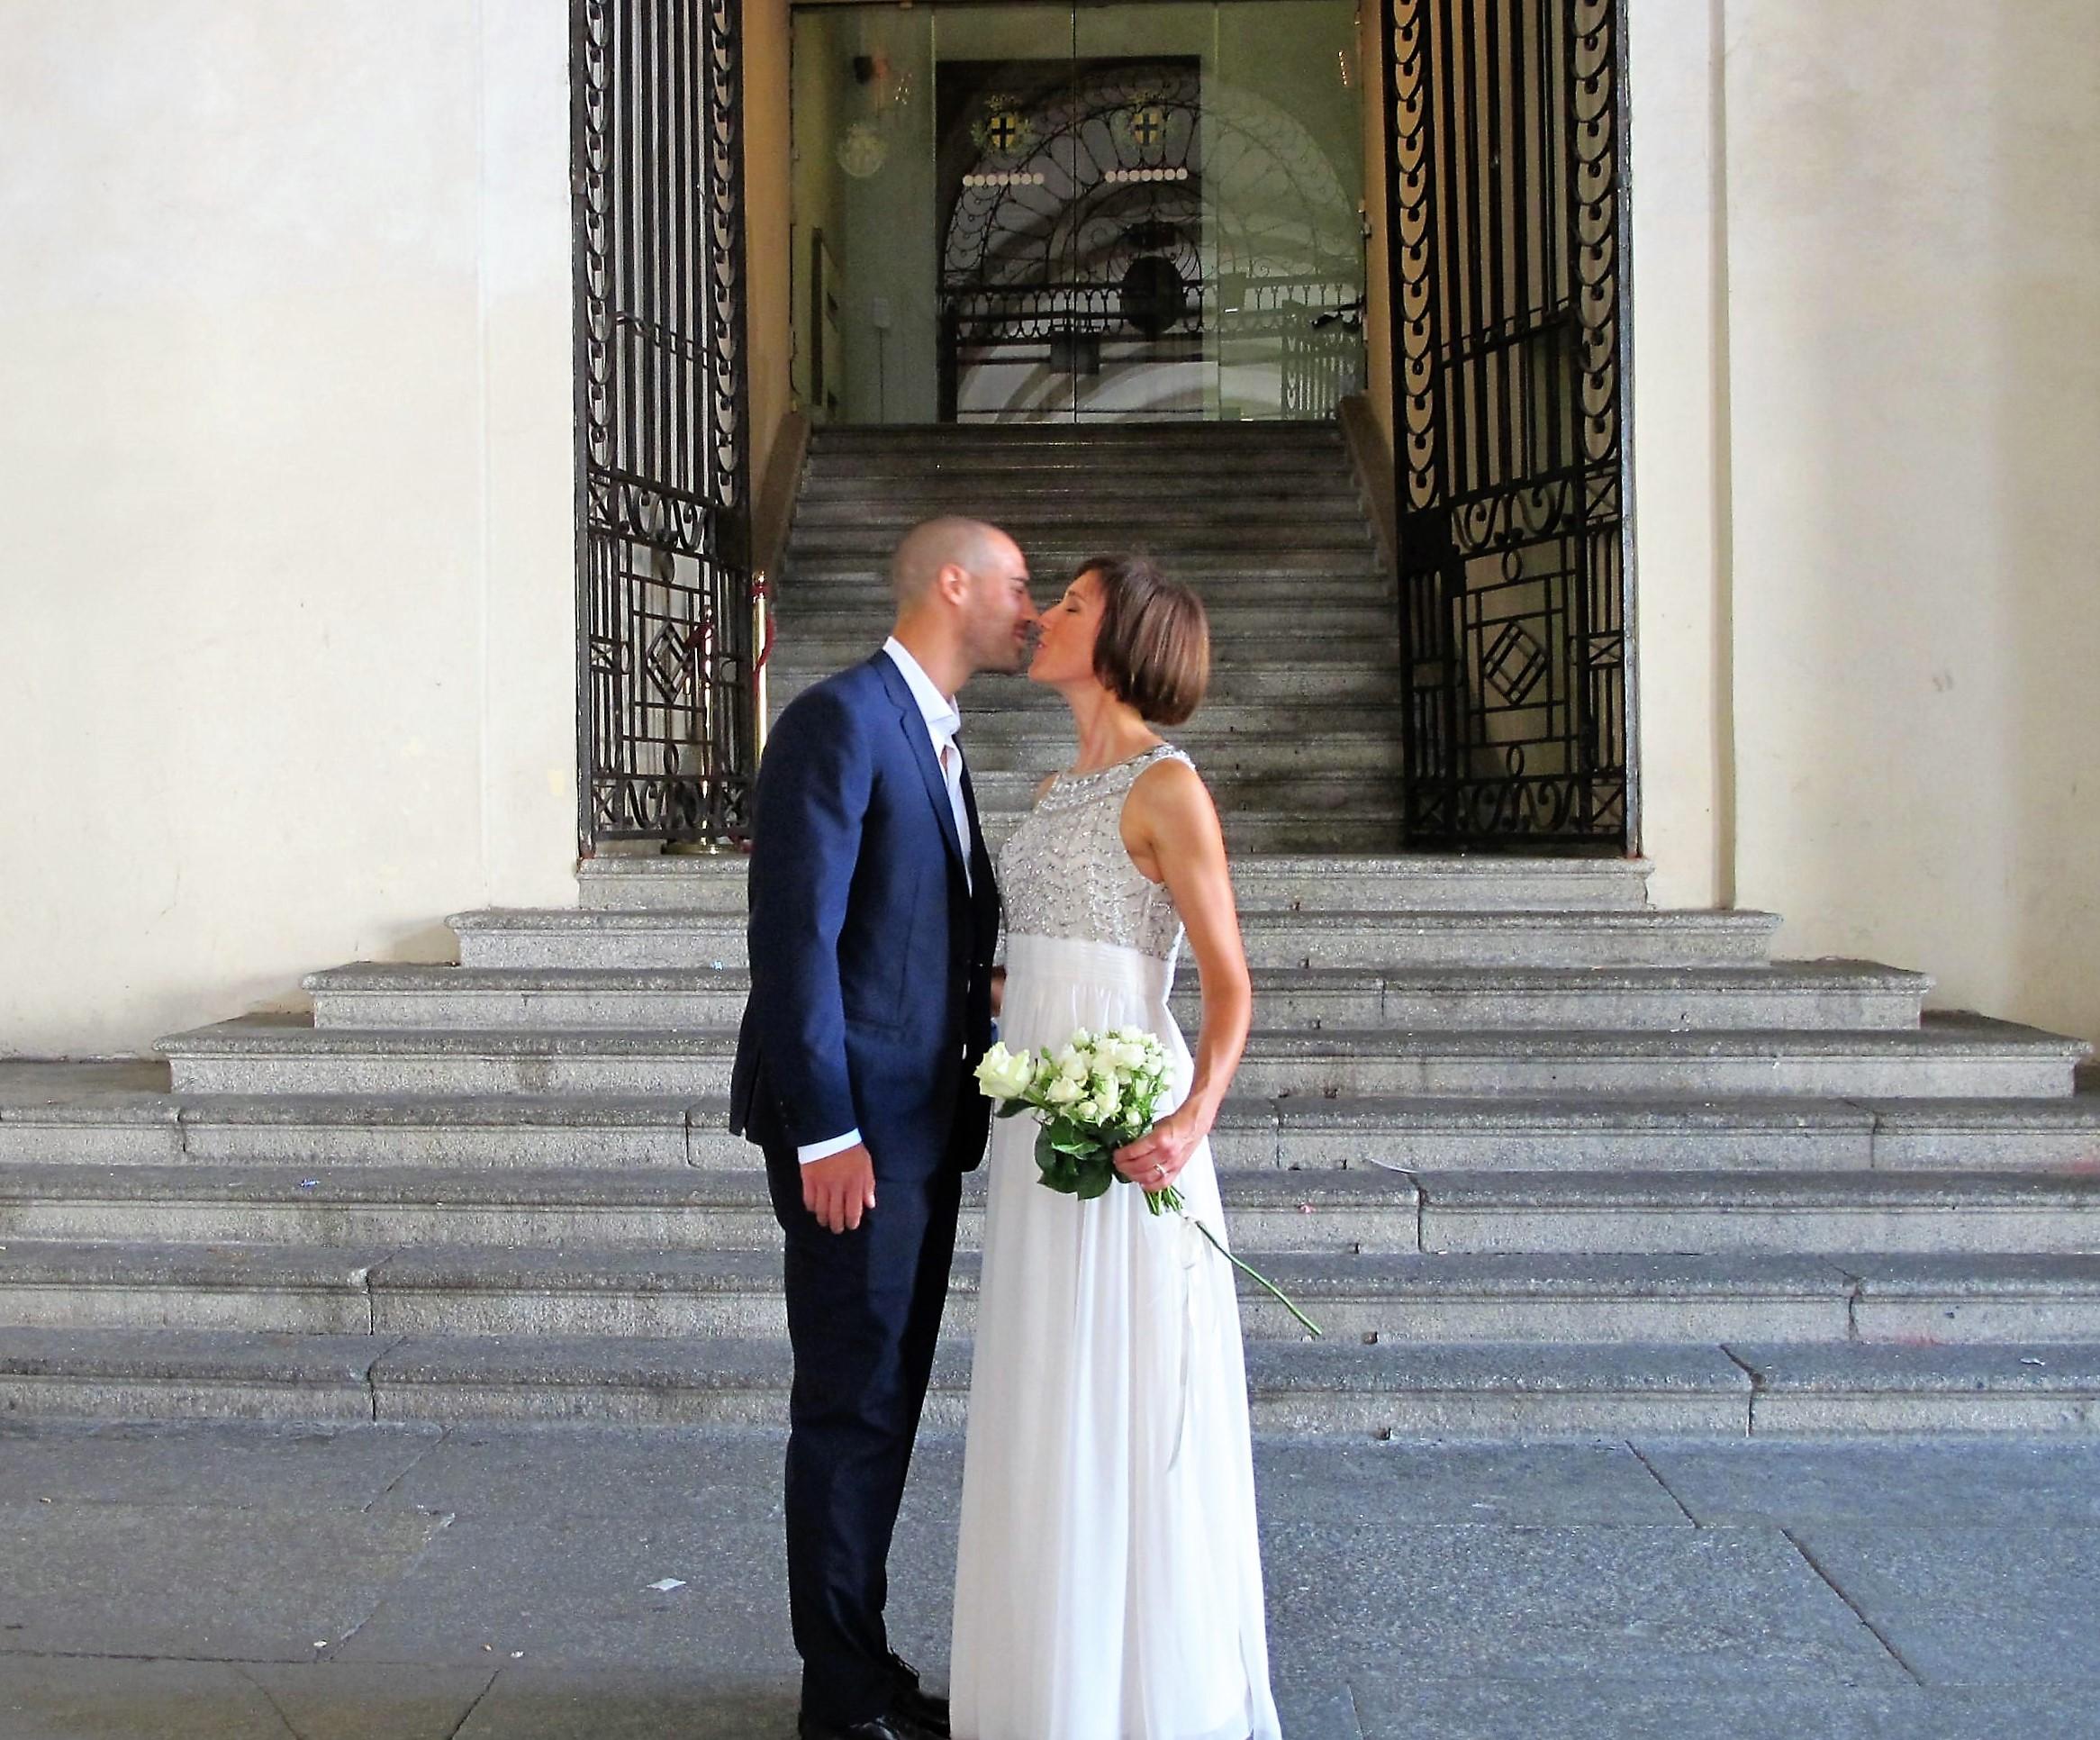 Matrimonio In Comune : Matrimonio civile al comune di monterotondo foto imagophilia